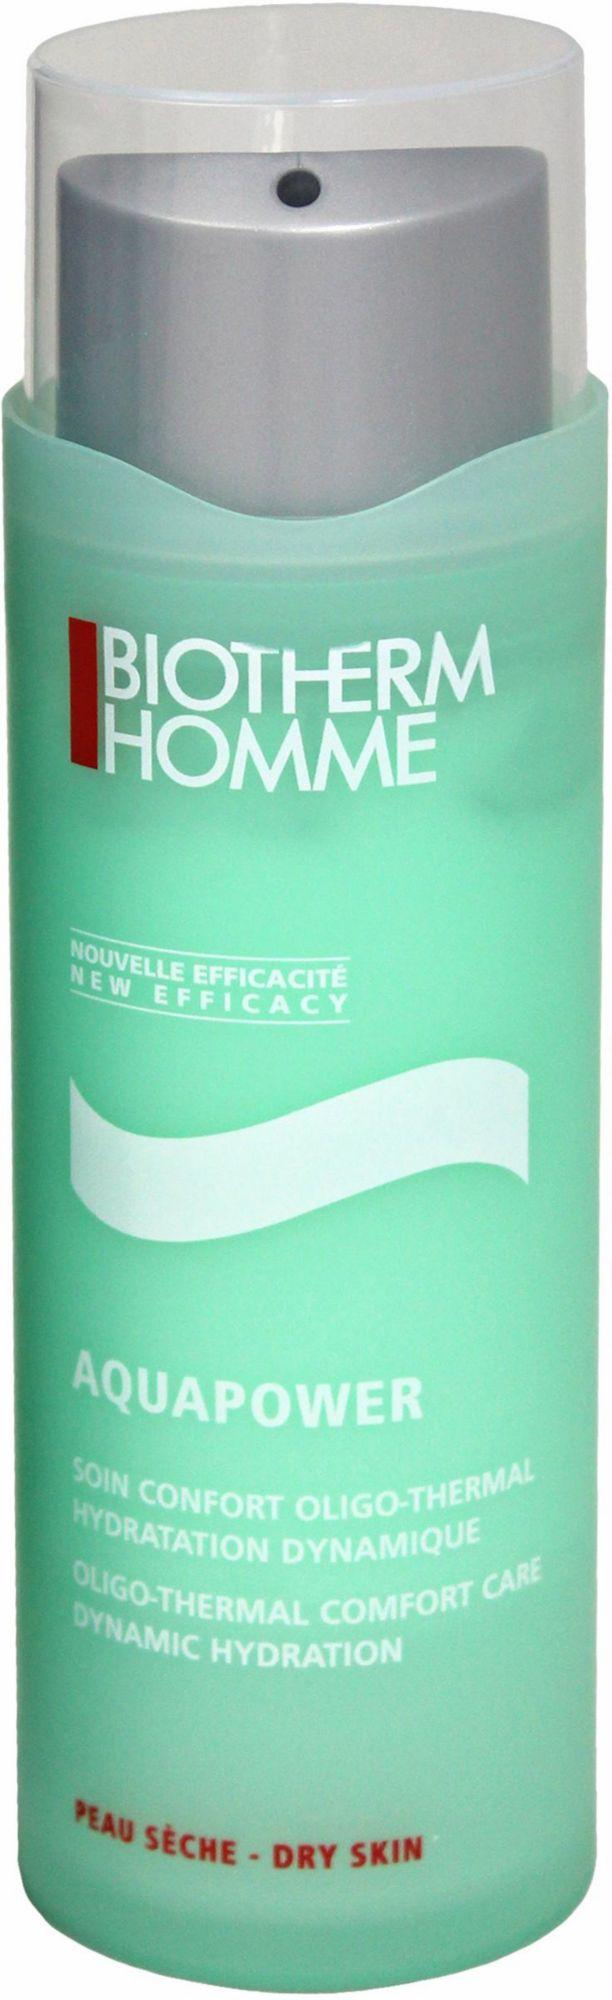 BIOTHERM Biotherm Homme, »Aquapower«, Reichhaltige Feuchtigkeitscreme